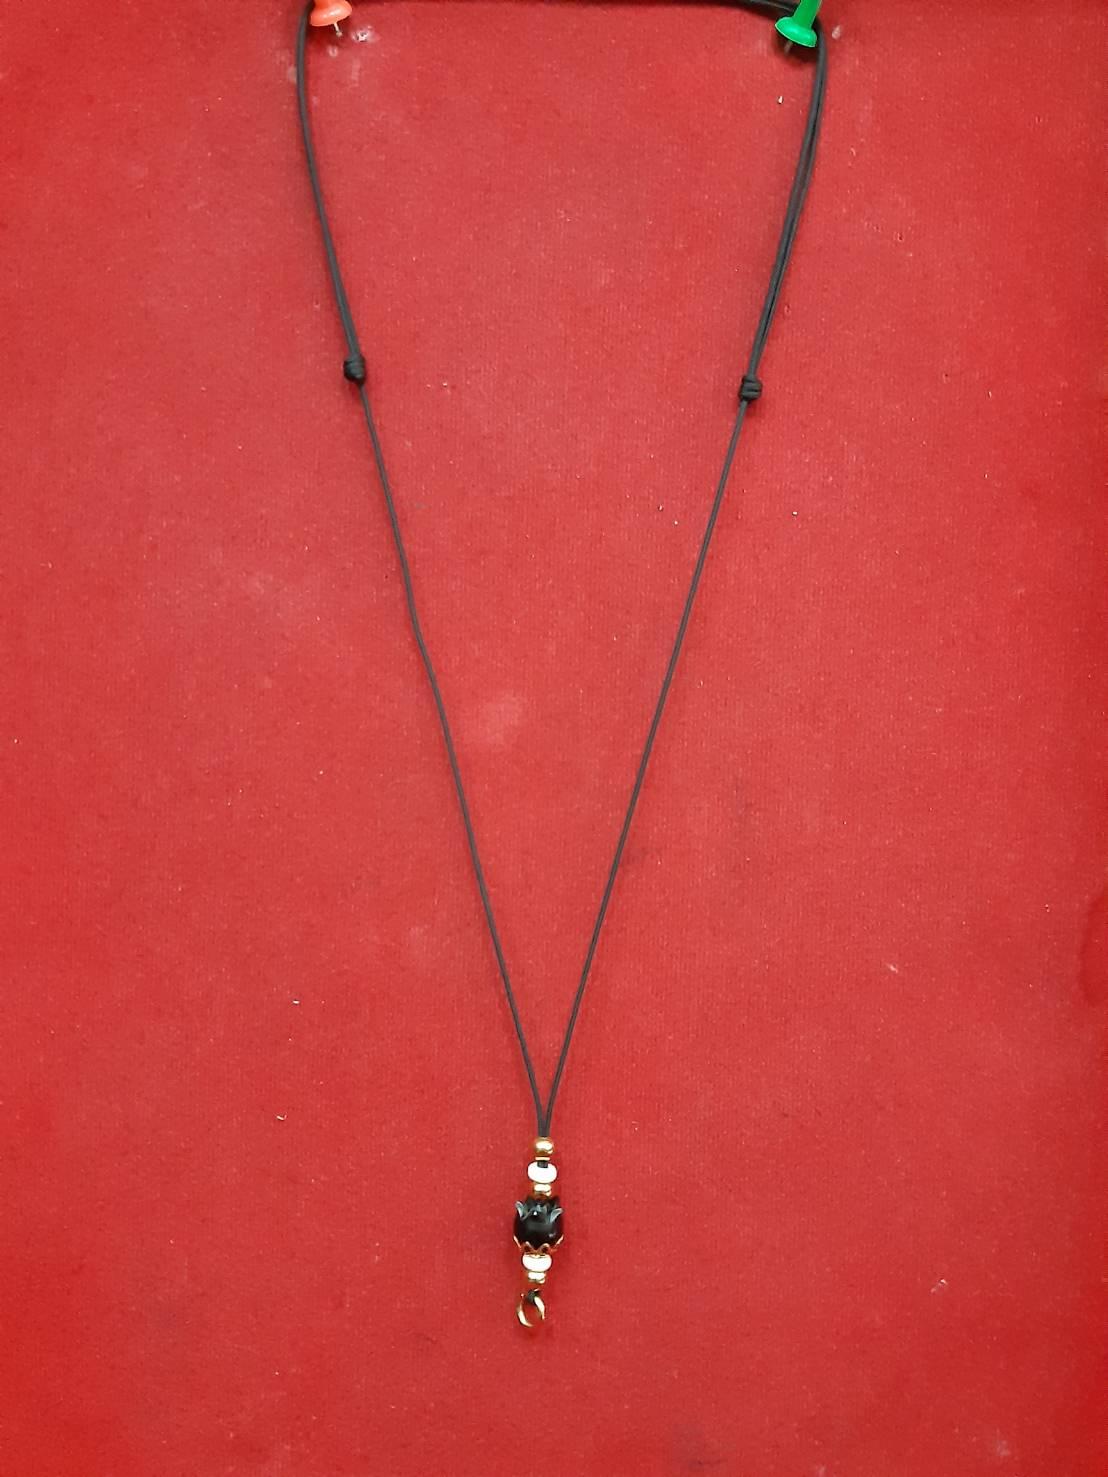 สร้อยเชือกไนล่อน ตุ้มโลหะชุบทอง ห้อยพระ 1 องค์ ฟรีไซต์ Nylon rope neckless อุปกรณ์